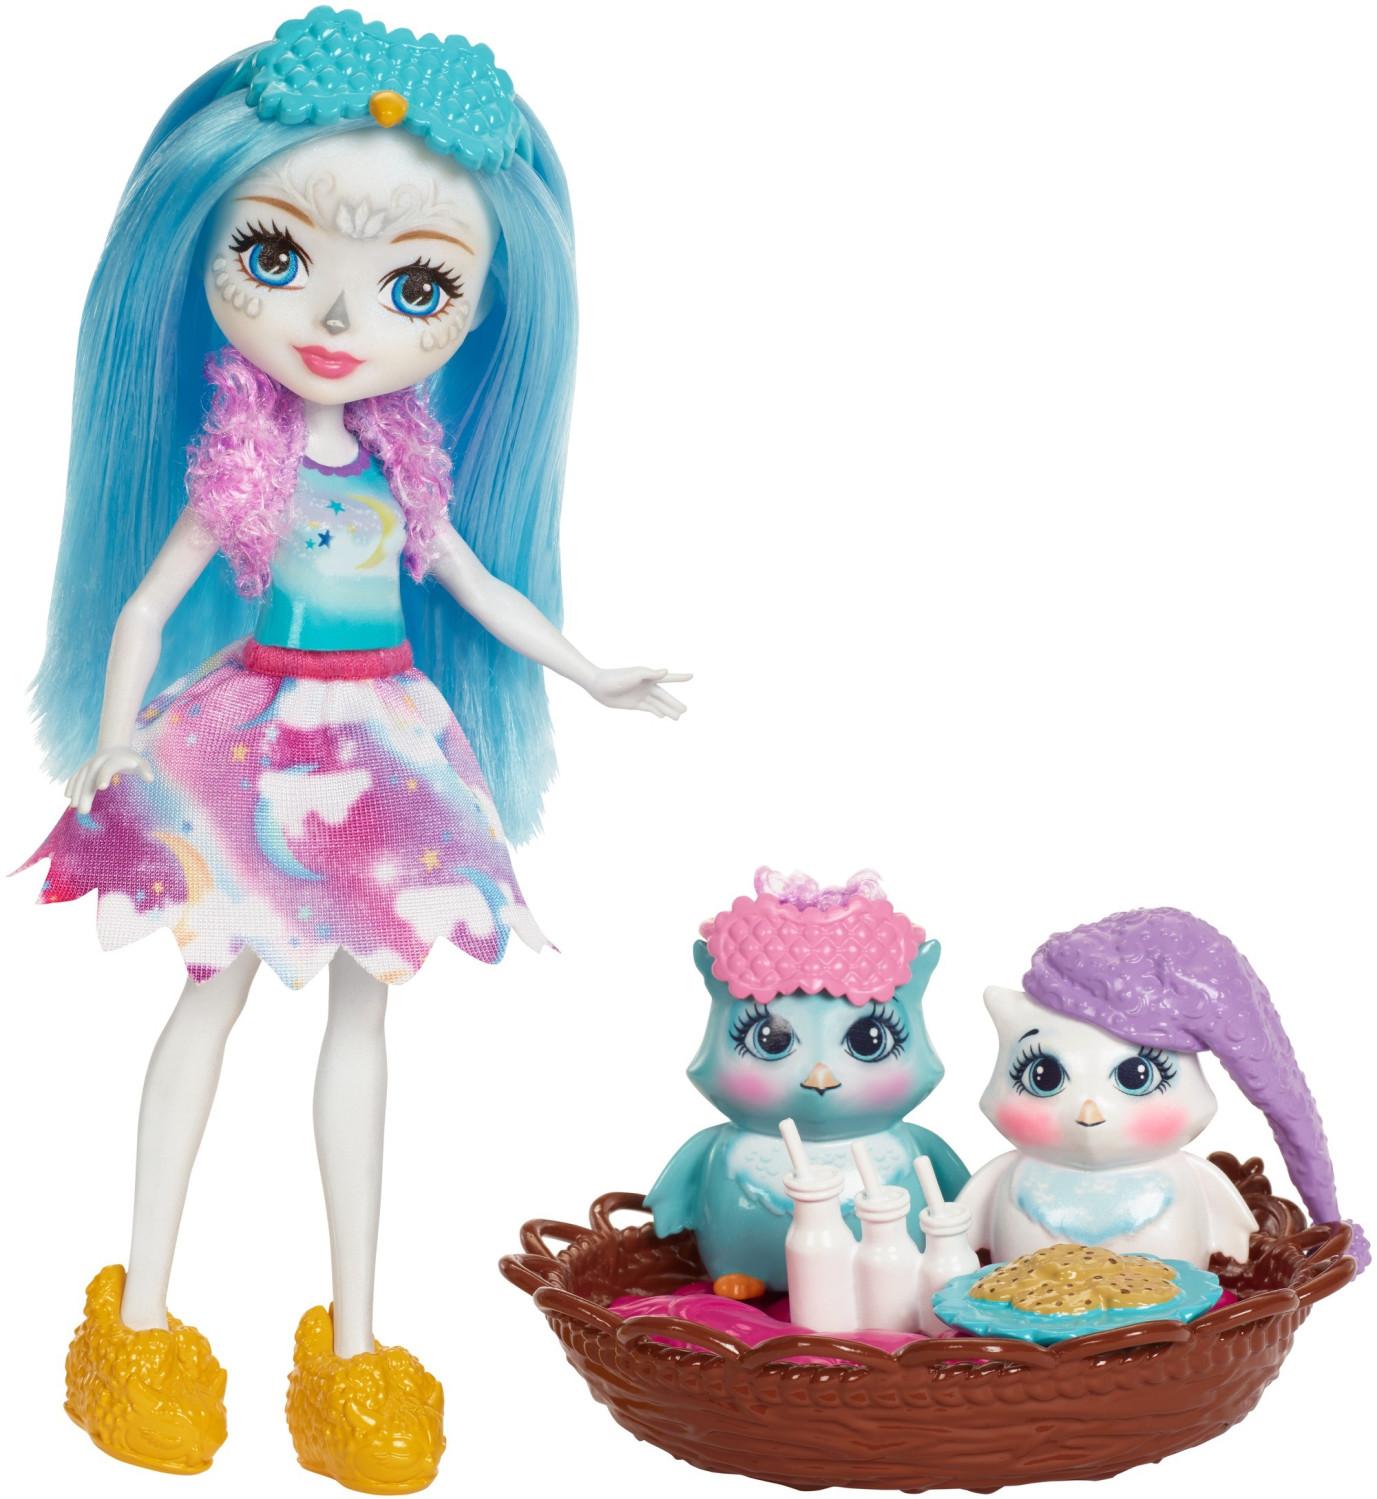 Enchantimals Mattel: miss koala Mattel-mini-poupee-enchantimals-ohana-chouette-soiree-pyjama